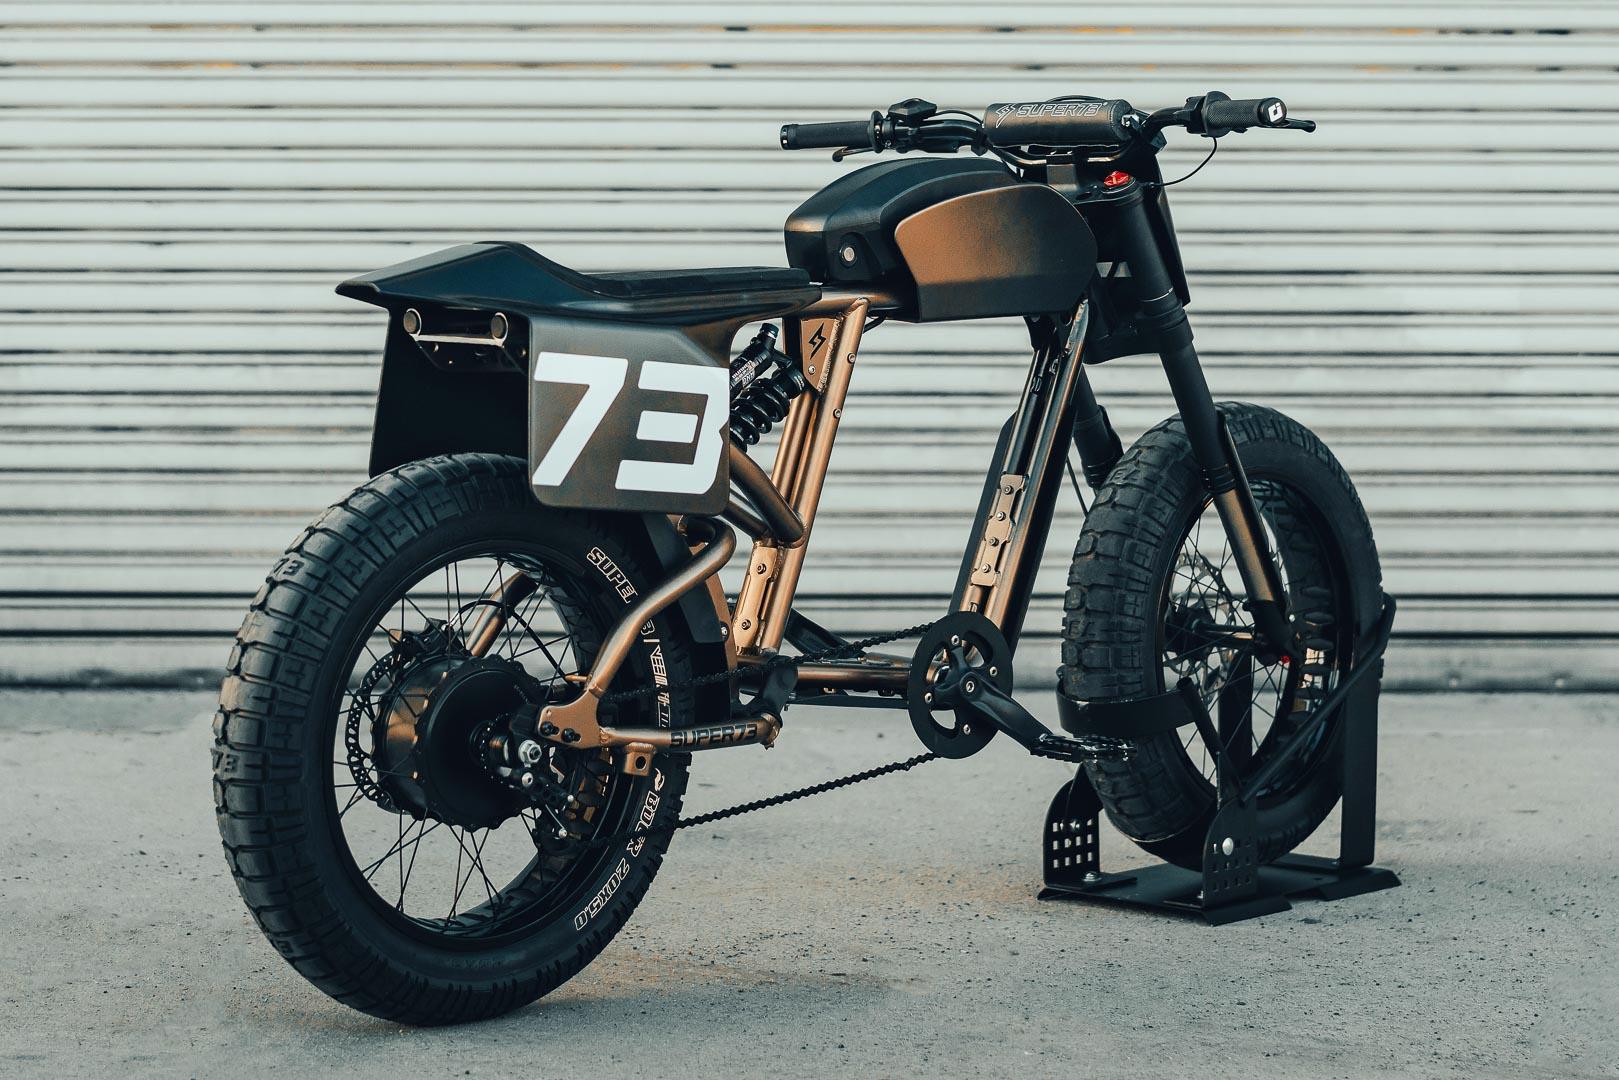 Super73 Flat Track RX: Chiếc xe đạp lai đầy táo bạo Ảnh 3